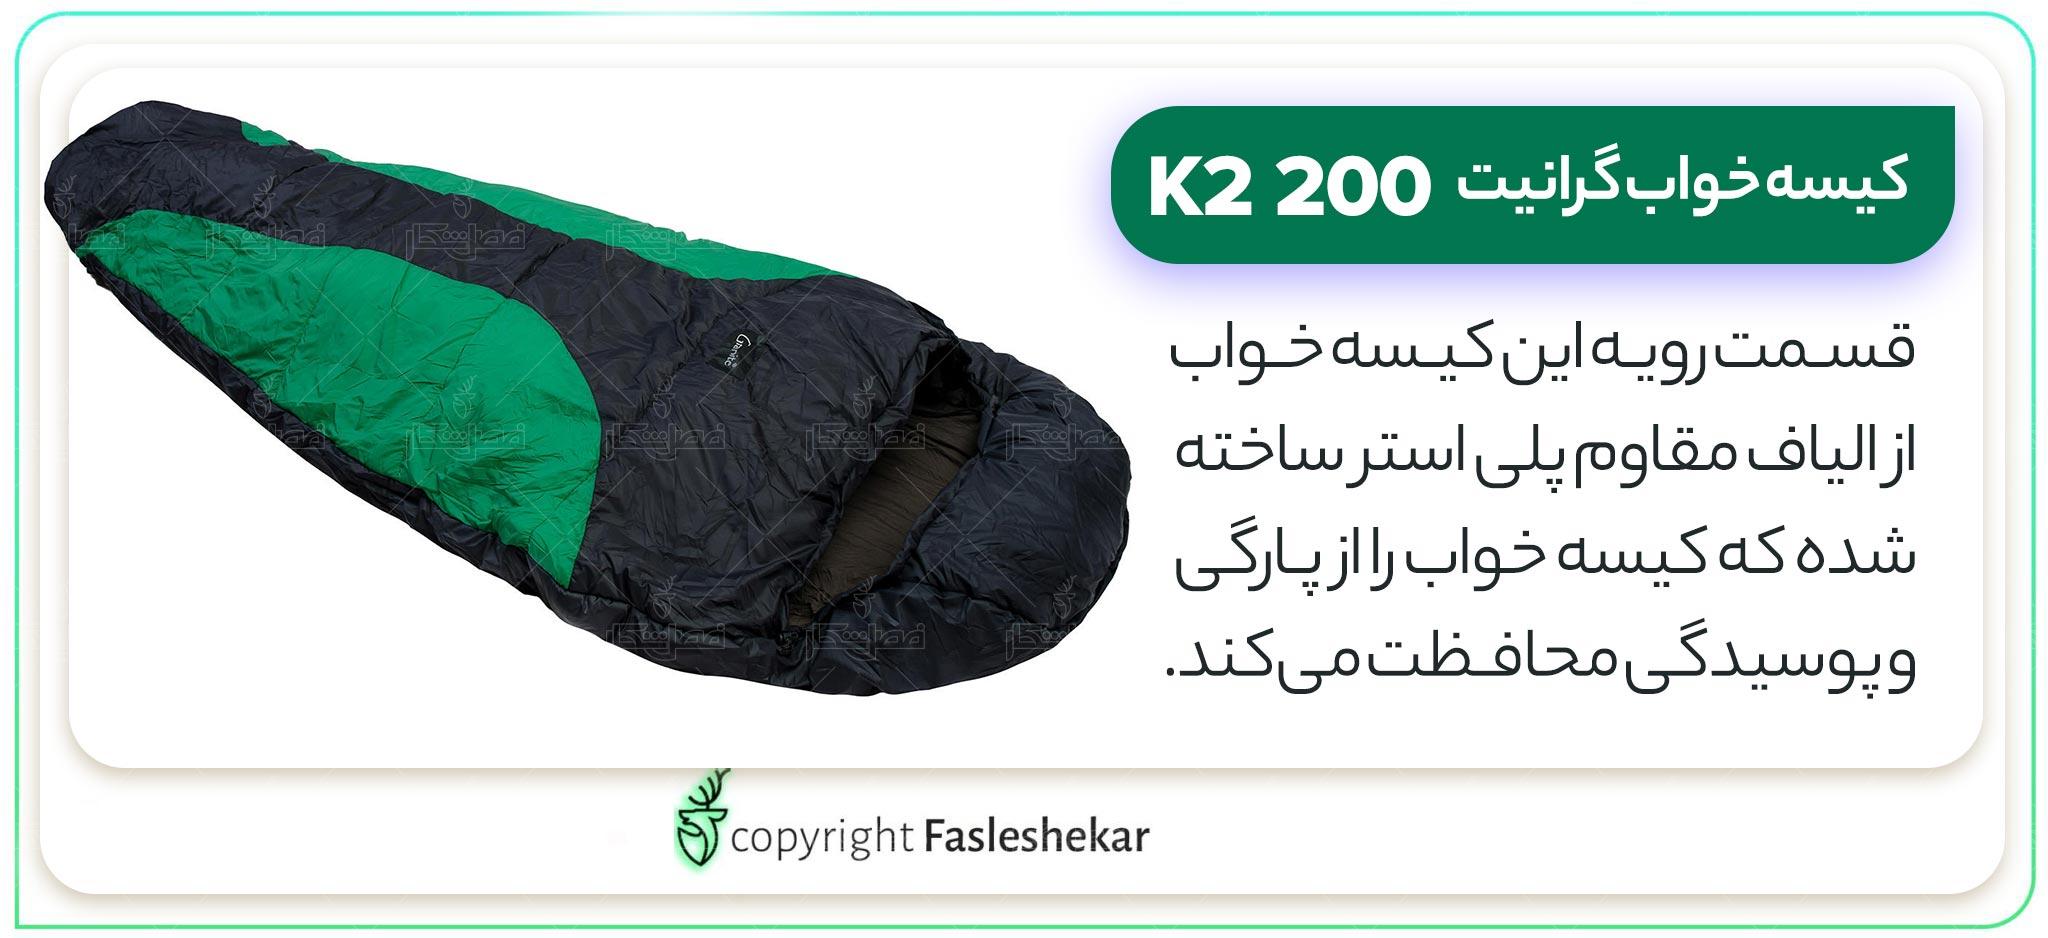 کیسه خواب گرانیت k2 200